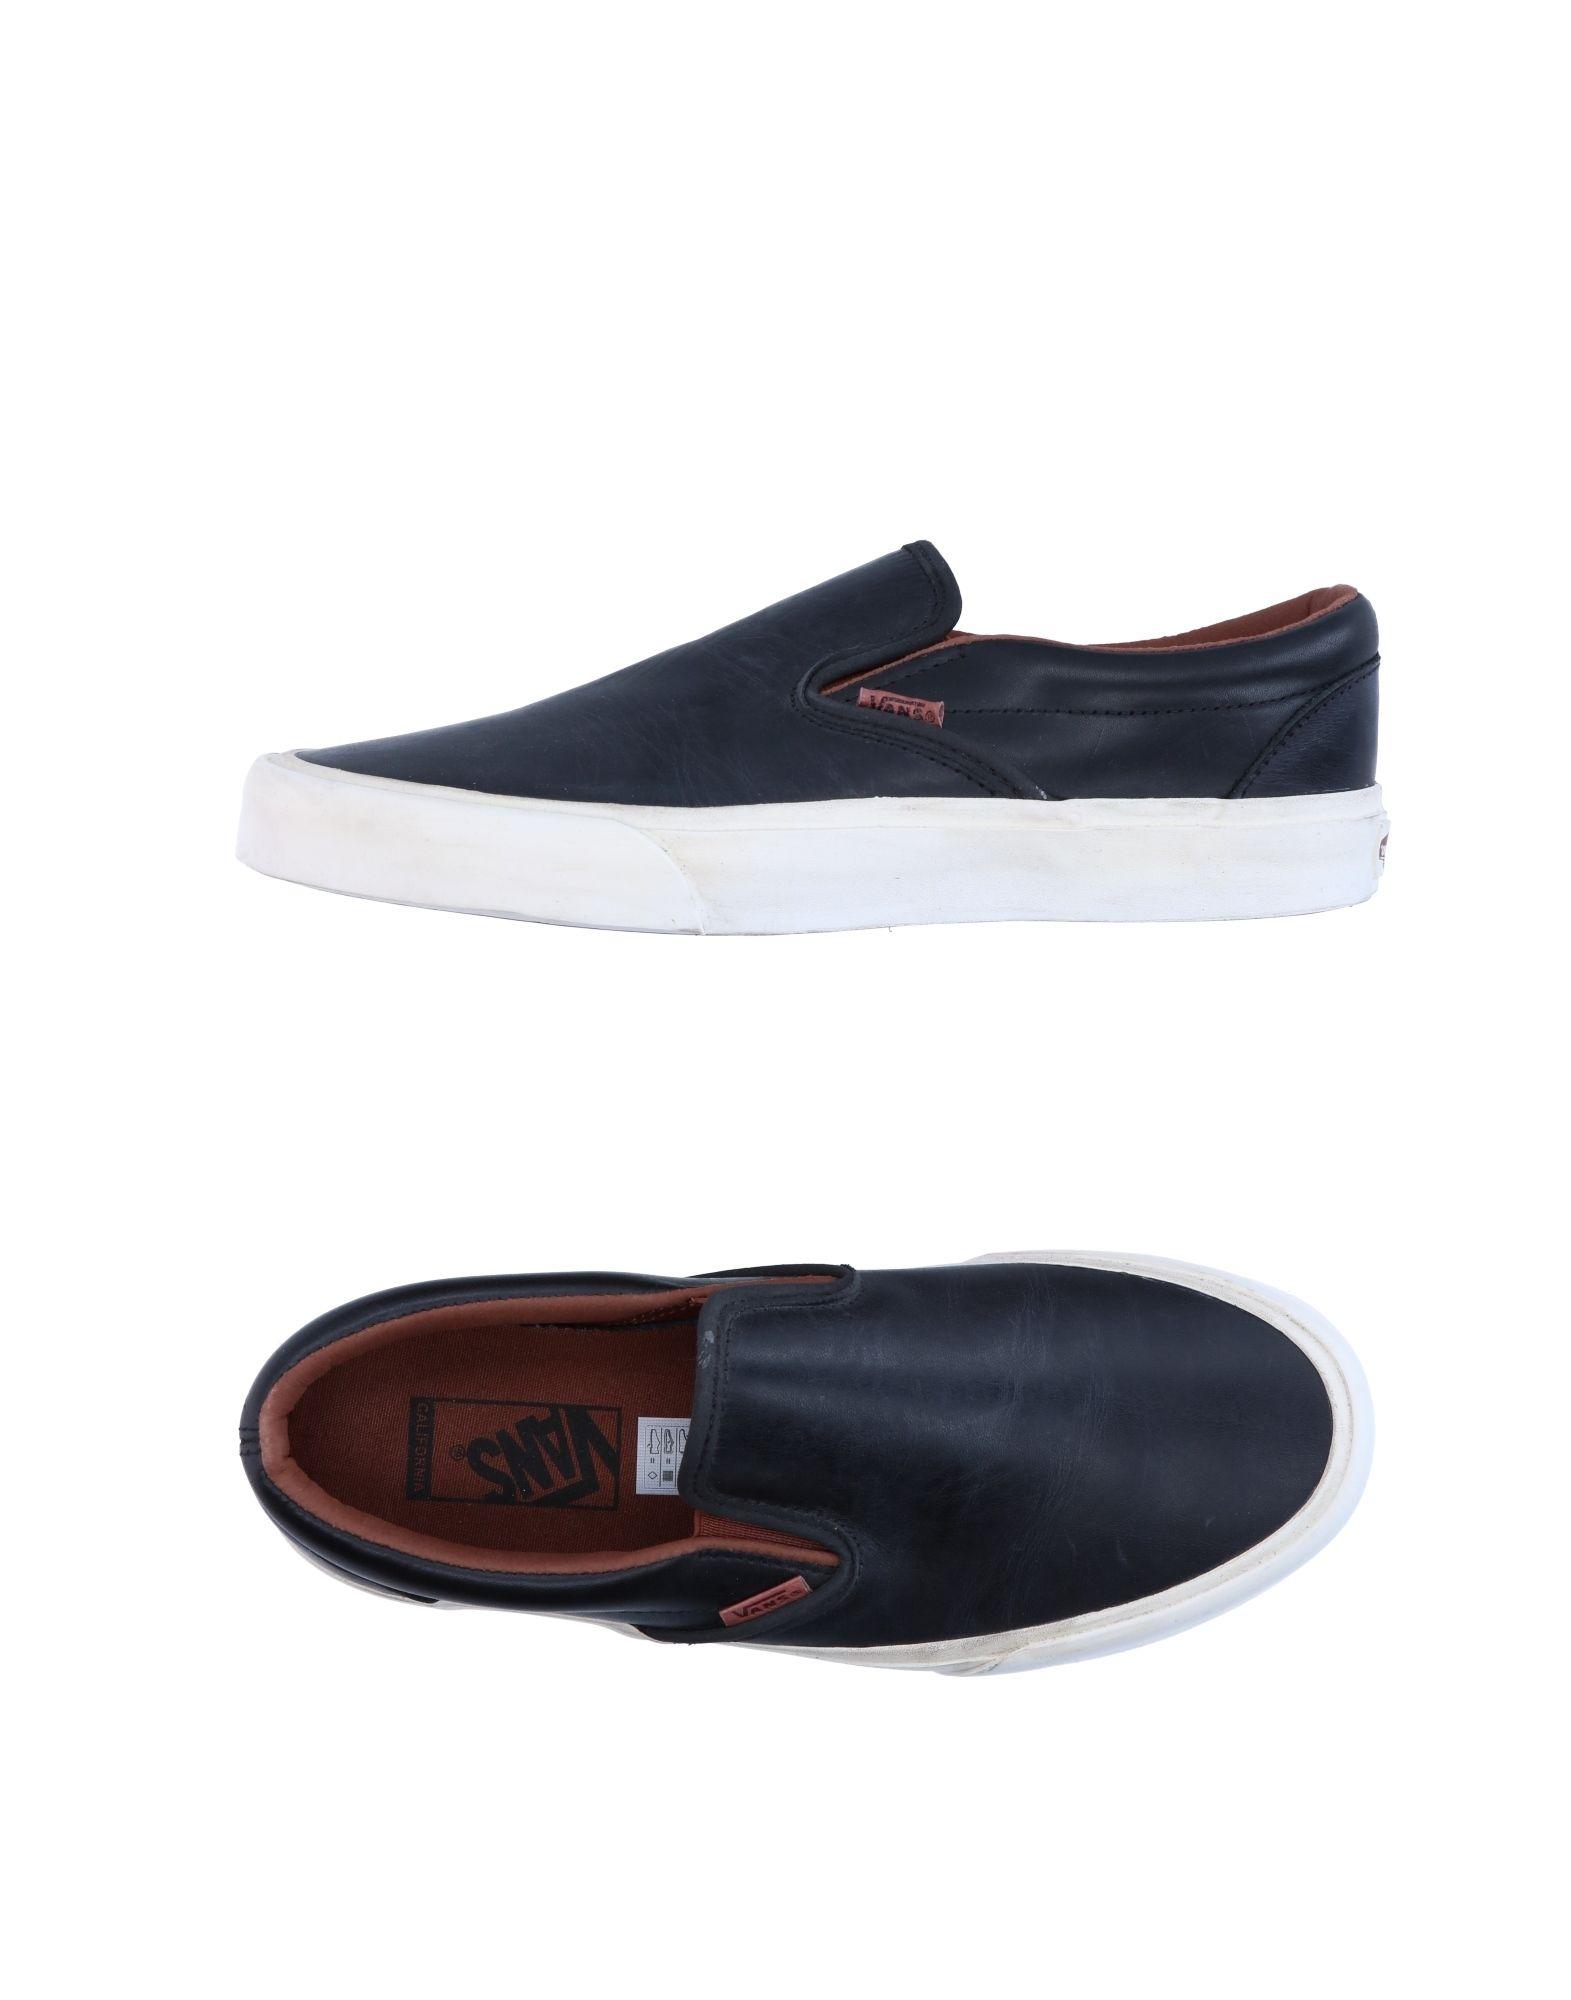 Vans Sneakers Herren  Schuhe 11289216RT Heiße Schuhe  6c7c7b